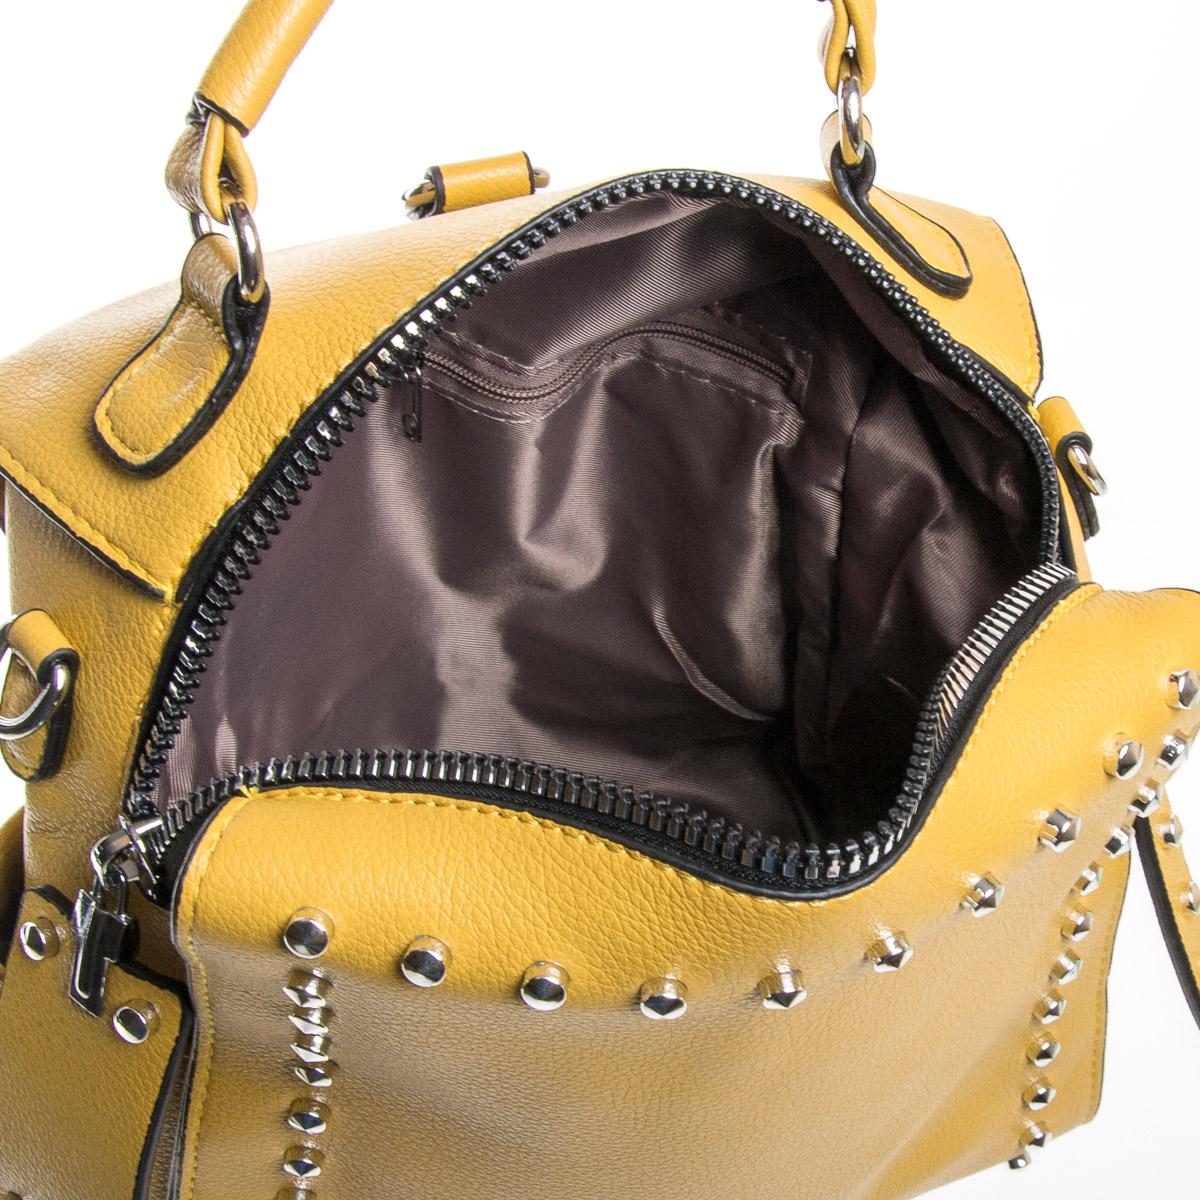 Сумка Женская Классическая иск-кожа FASHION 01-02 11054 yellow - фото 5